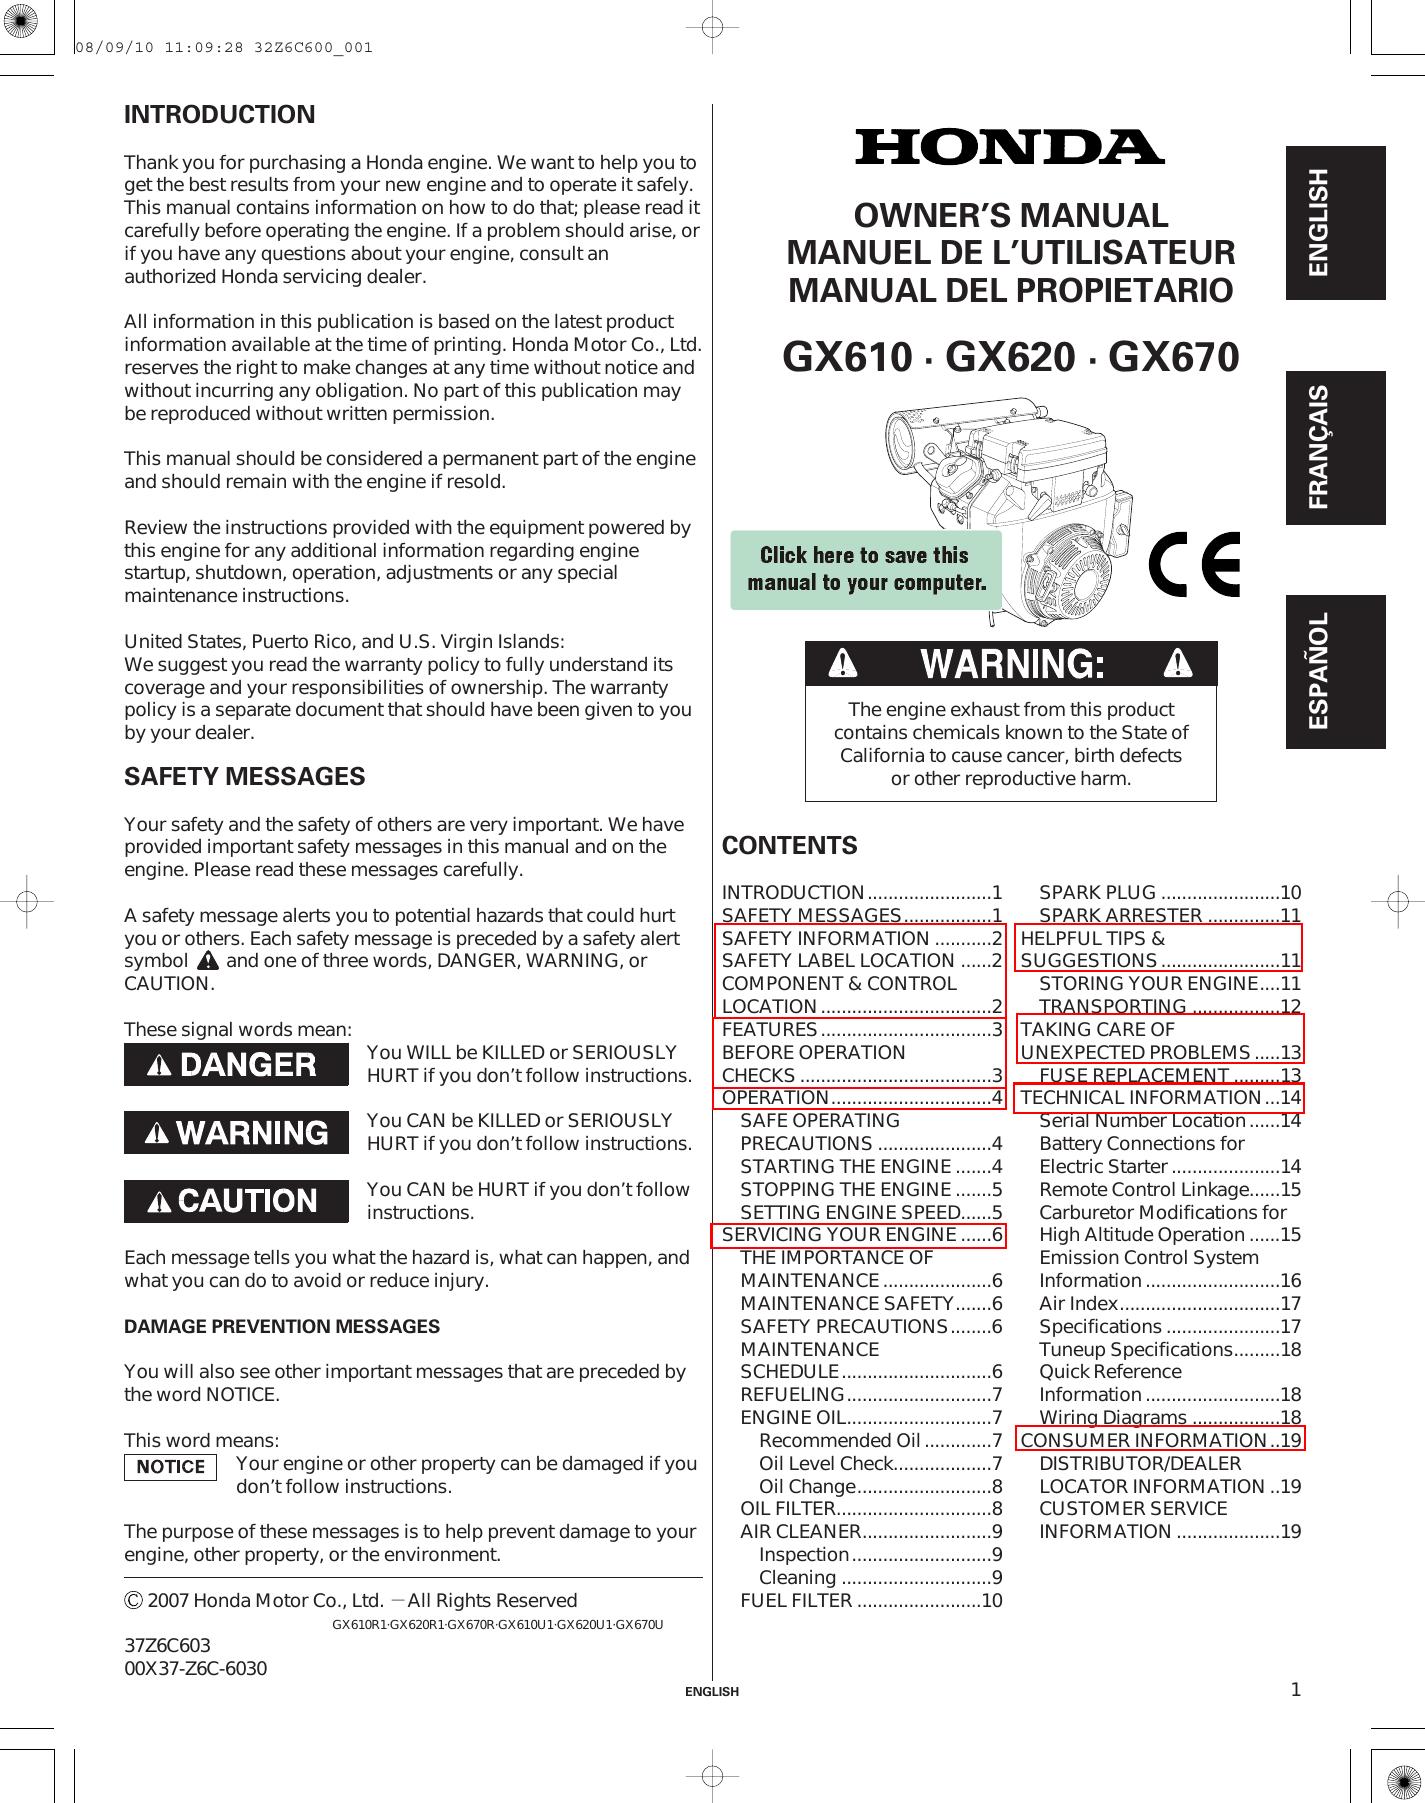 Honda Gx670 Owners Manual Wiring Diagram